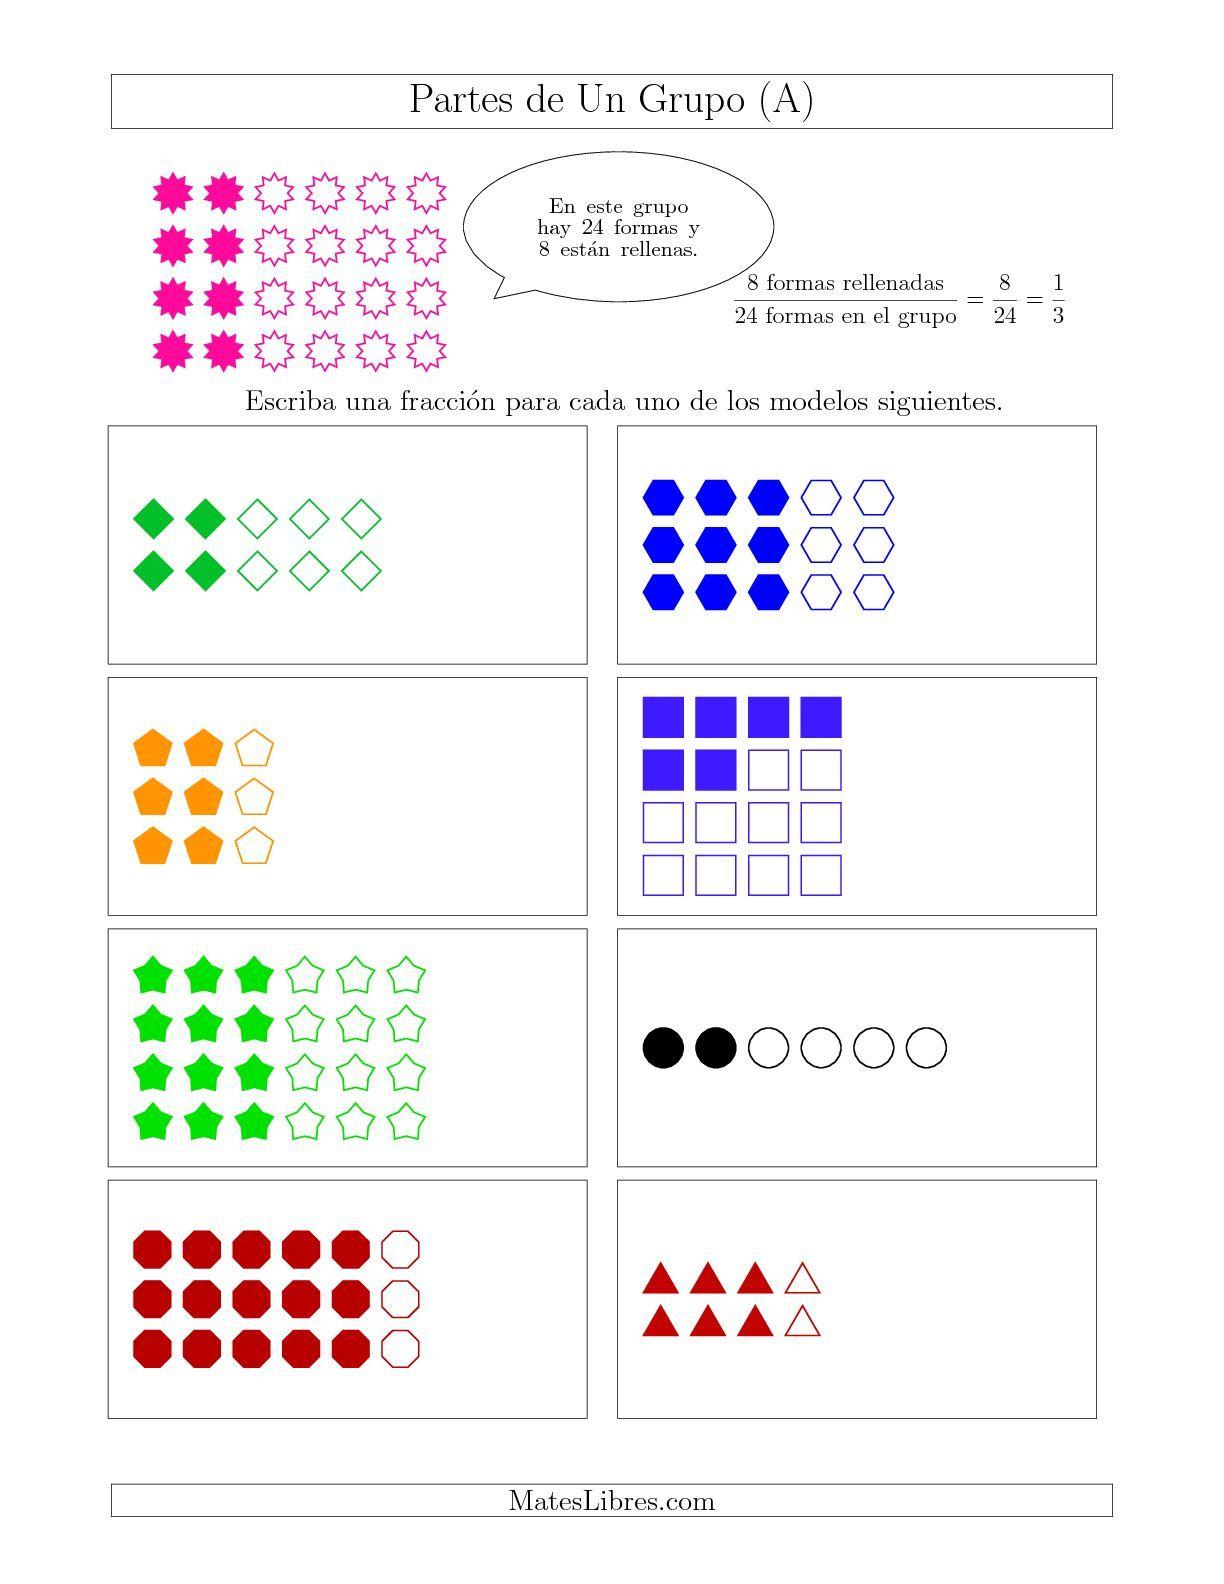 La hoja de ejercicios de matemáticas de Modelos de Fracciones de Un ...